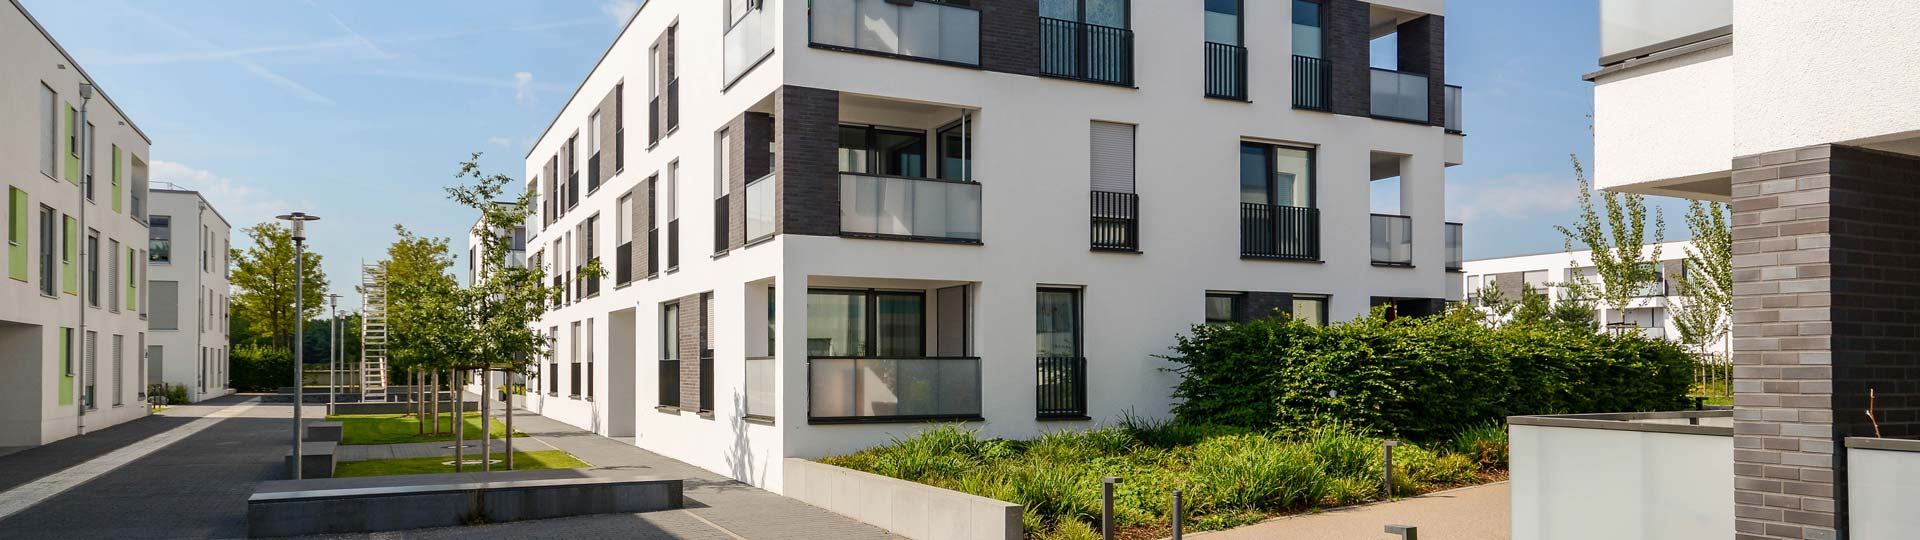 Reichert_Immobilien_Korschenbroich_Angebote_Header